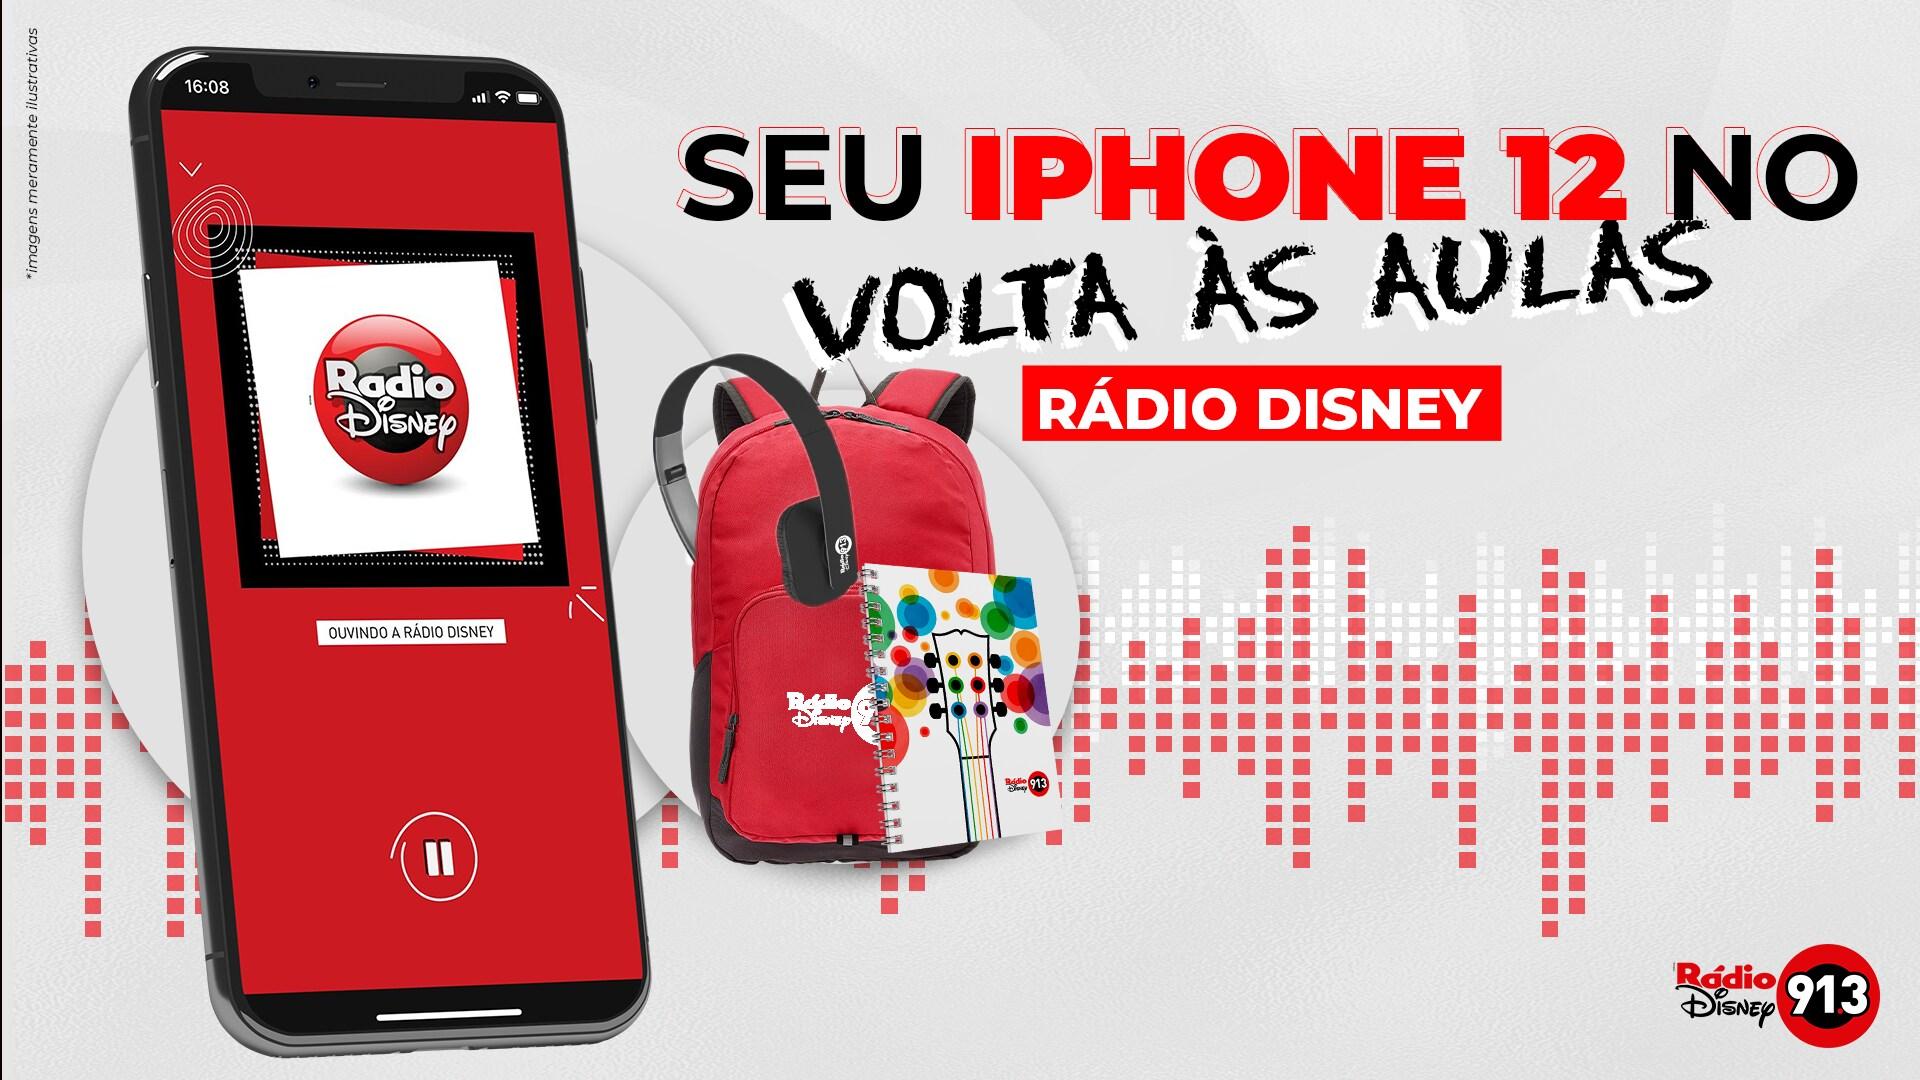 SEU IPHONE 12 ESTÁ NO VOLTA ÀS AULAS RÁDIO DISNEY